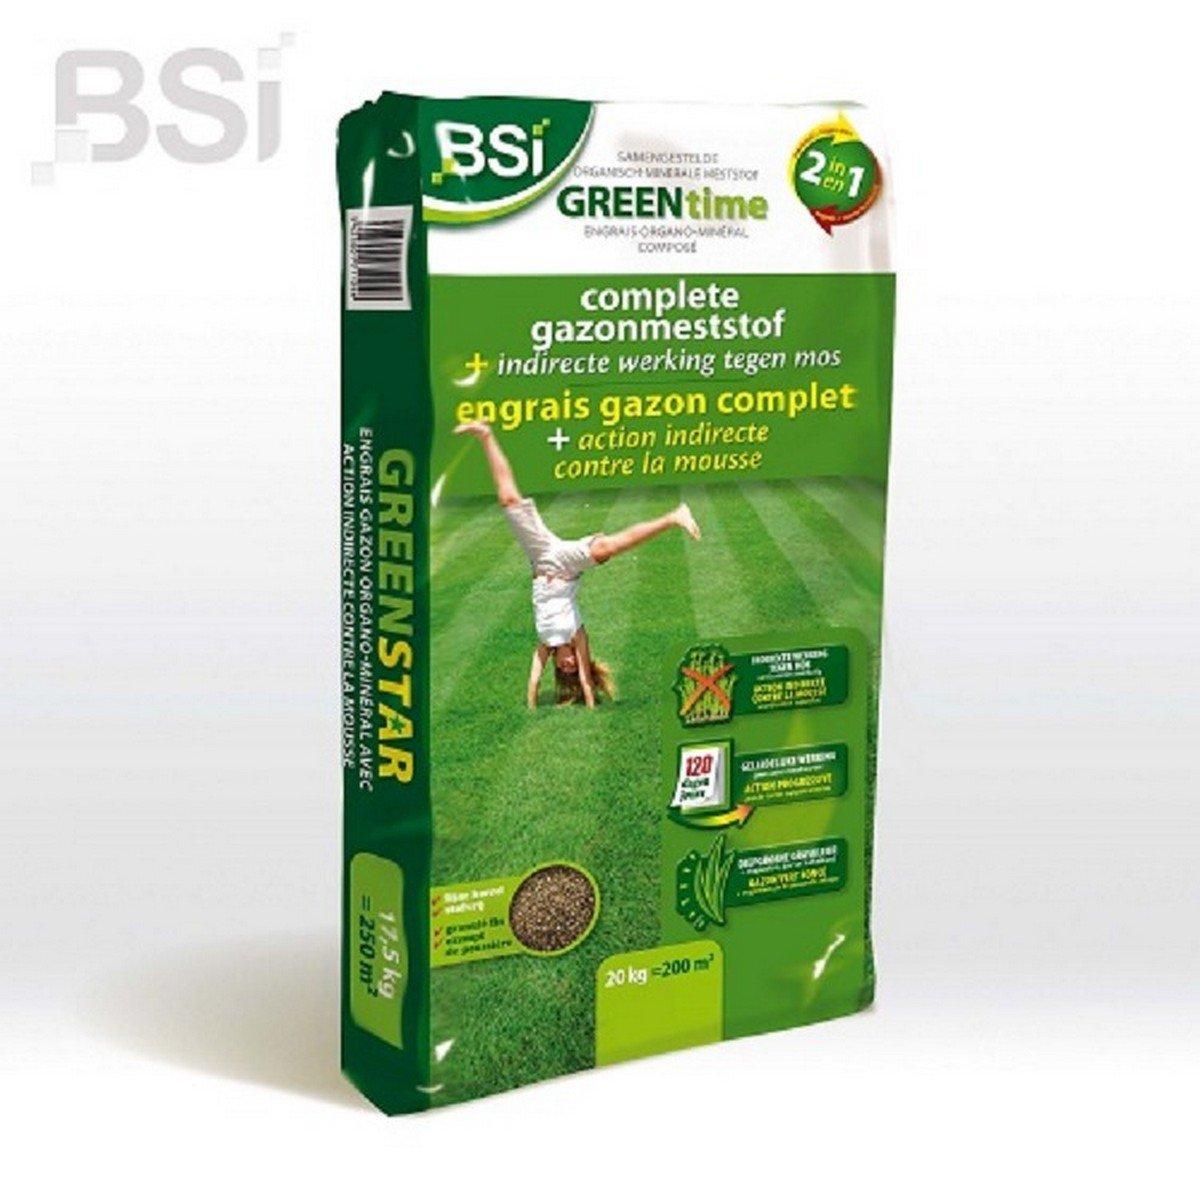 Afbeelding van BSI Anti mos Green Time 20 kg